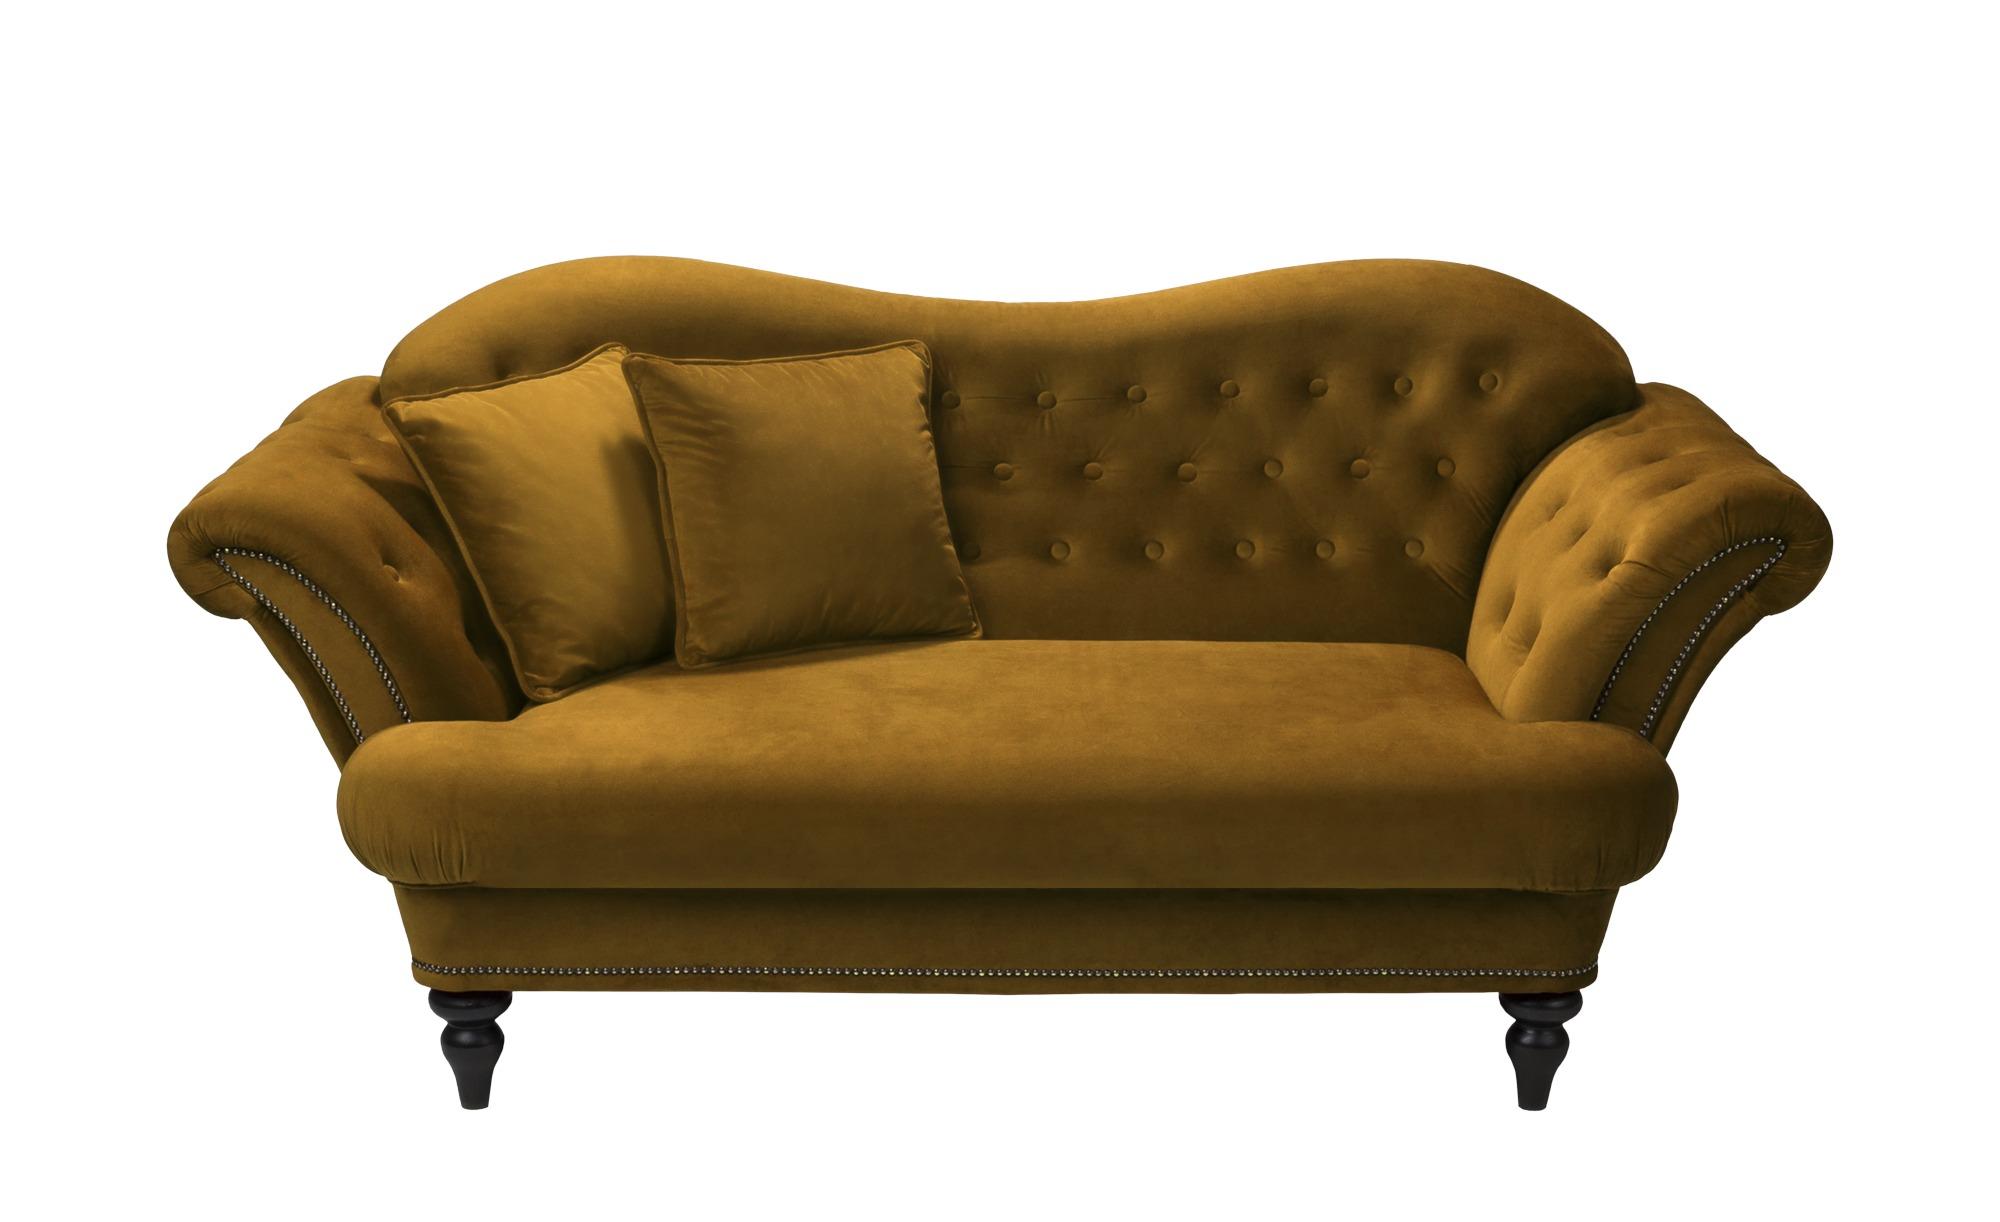 smart Sofa ocker - Mikrofaser Sissi ¦ gelb ¦ Maße (cm): B: 198 H: 93 T: 104 Polstermöbel > Sofas > 2-Sitzer - Höffner